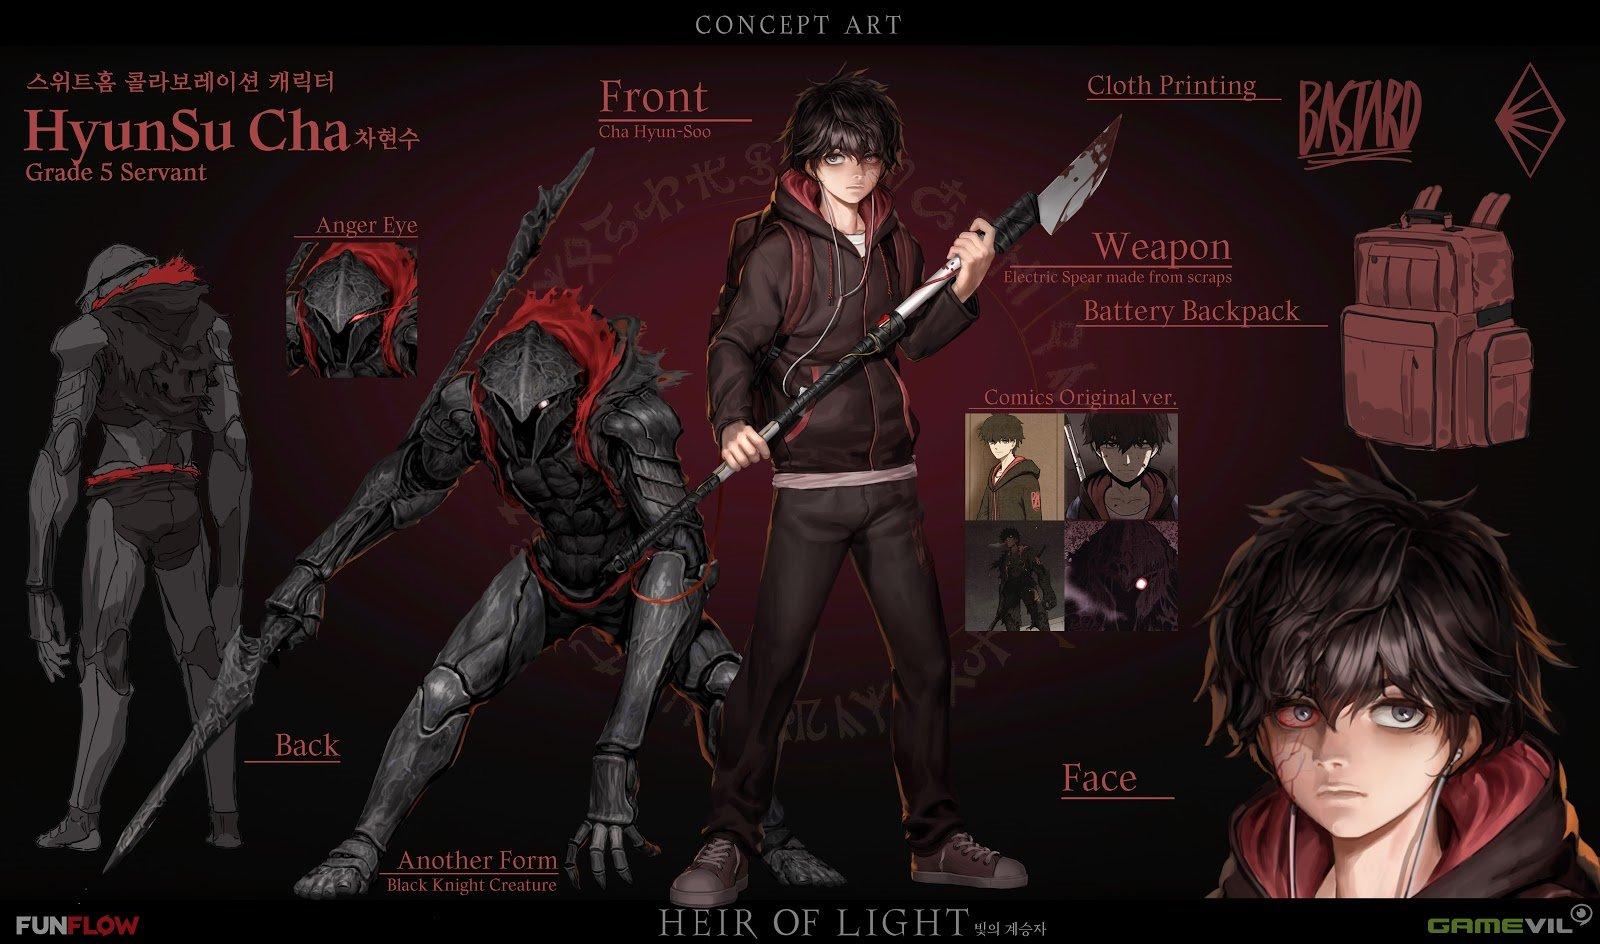 HEIR OF LIGHT 2042021 2